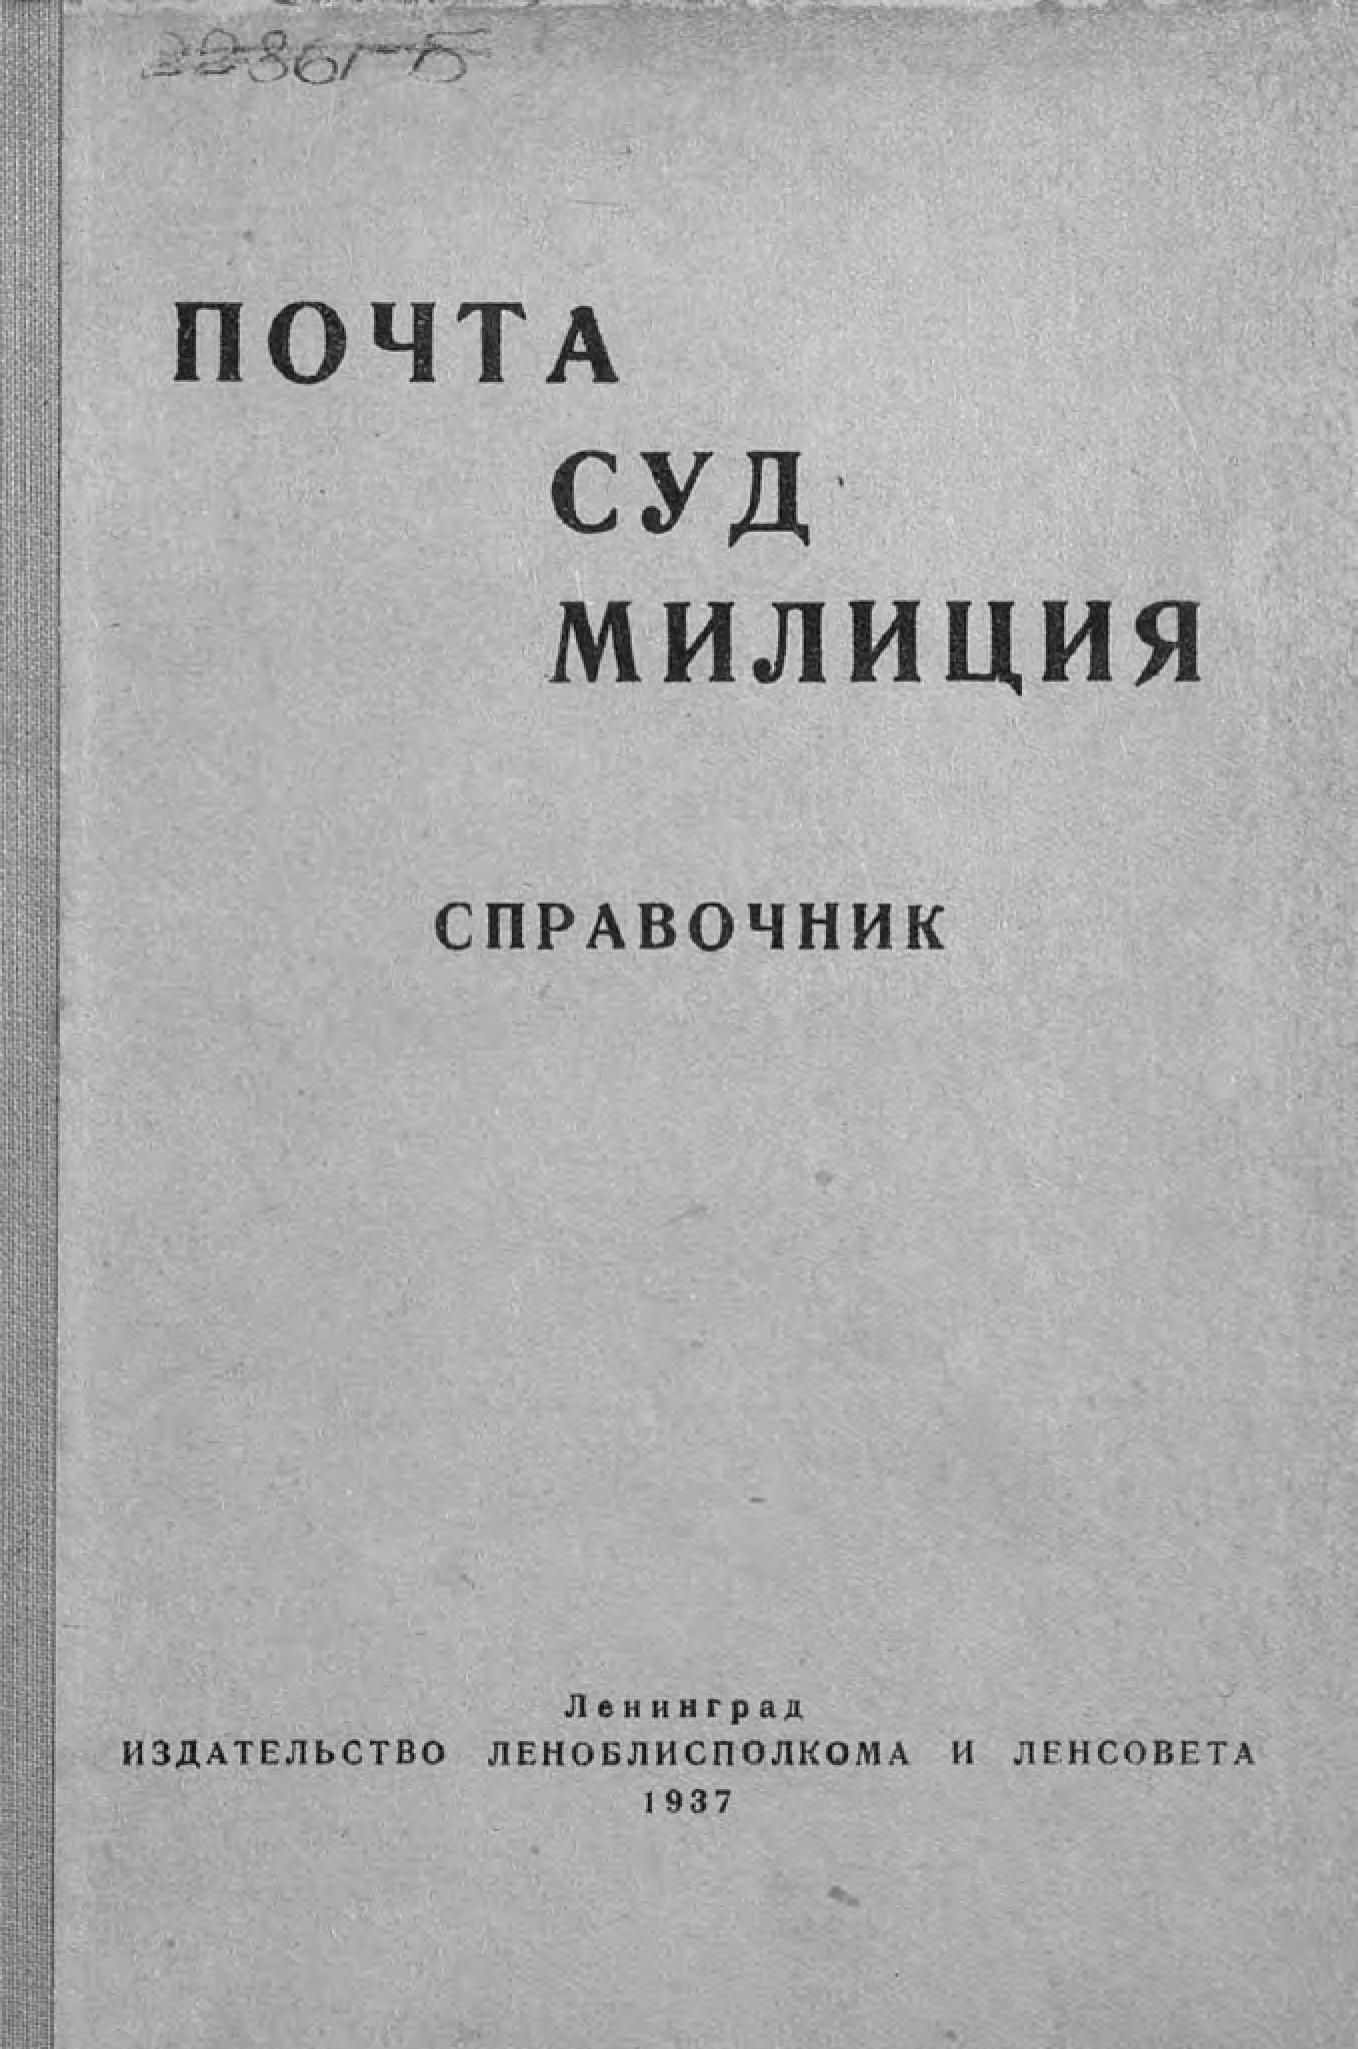 Коллектив авторов Почта. Суд. Милиция цена 2017